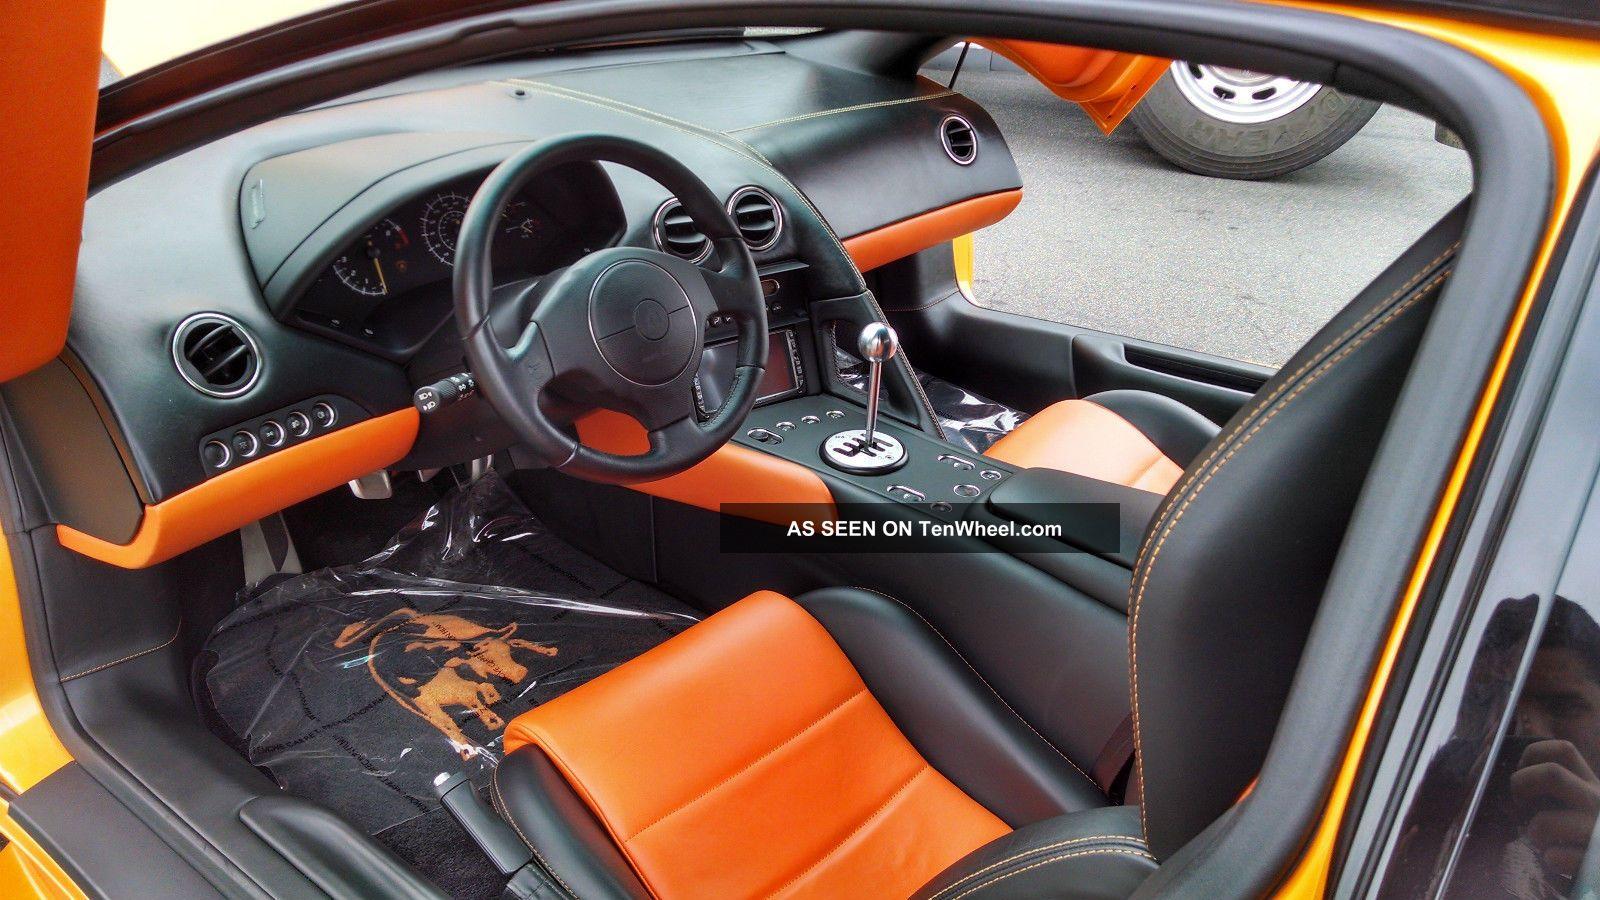 2007 Lamborghini Murcielago Lp640 Rare 6 Speed Manual Transmission